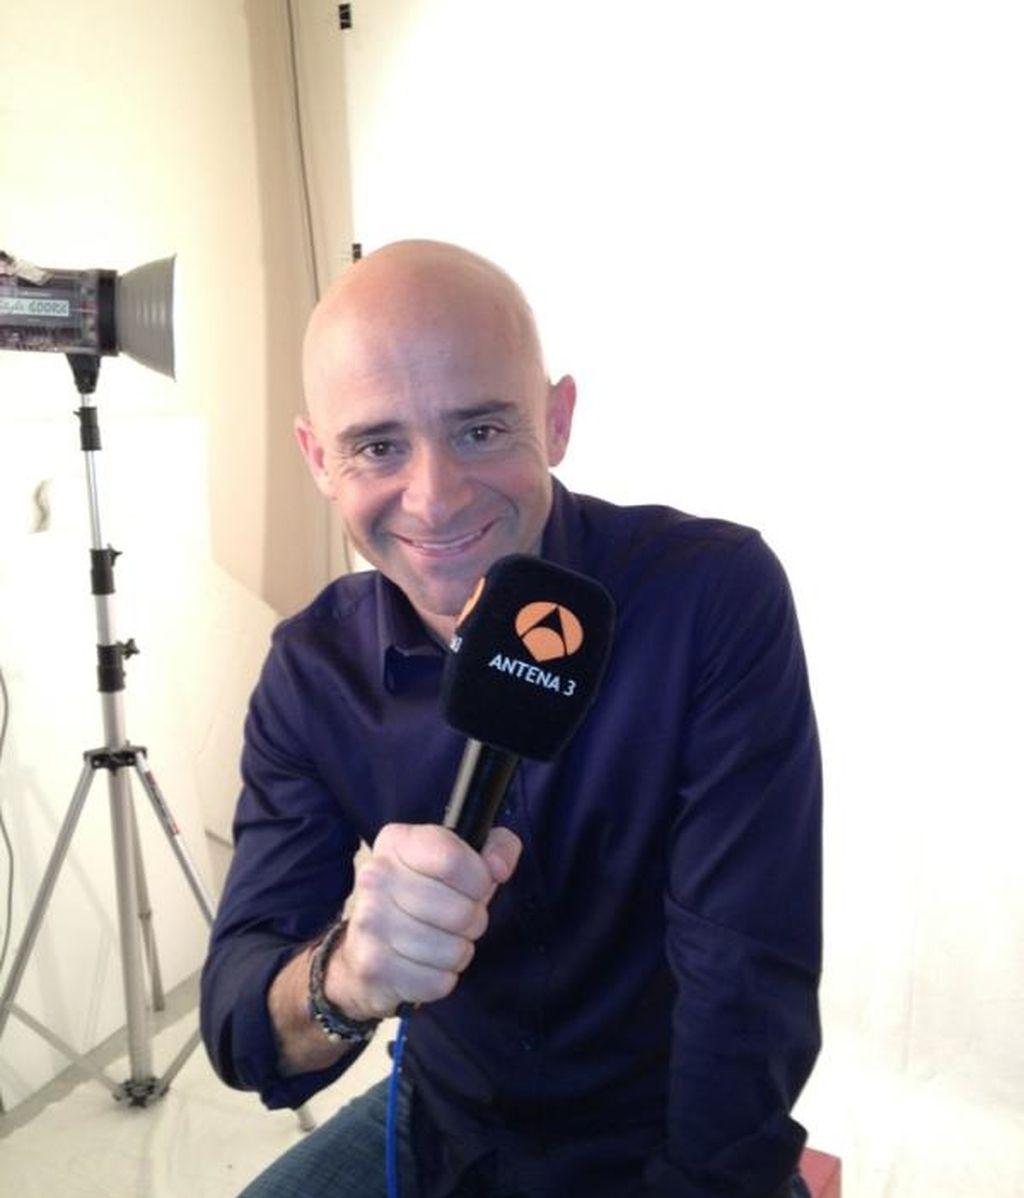 Antonio Lobato Antena 3